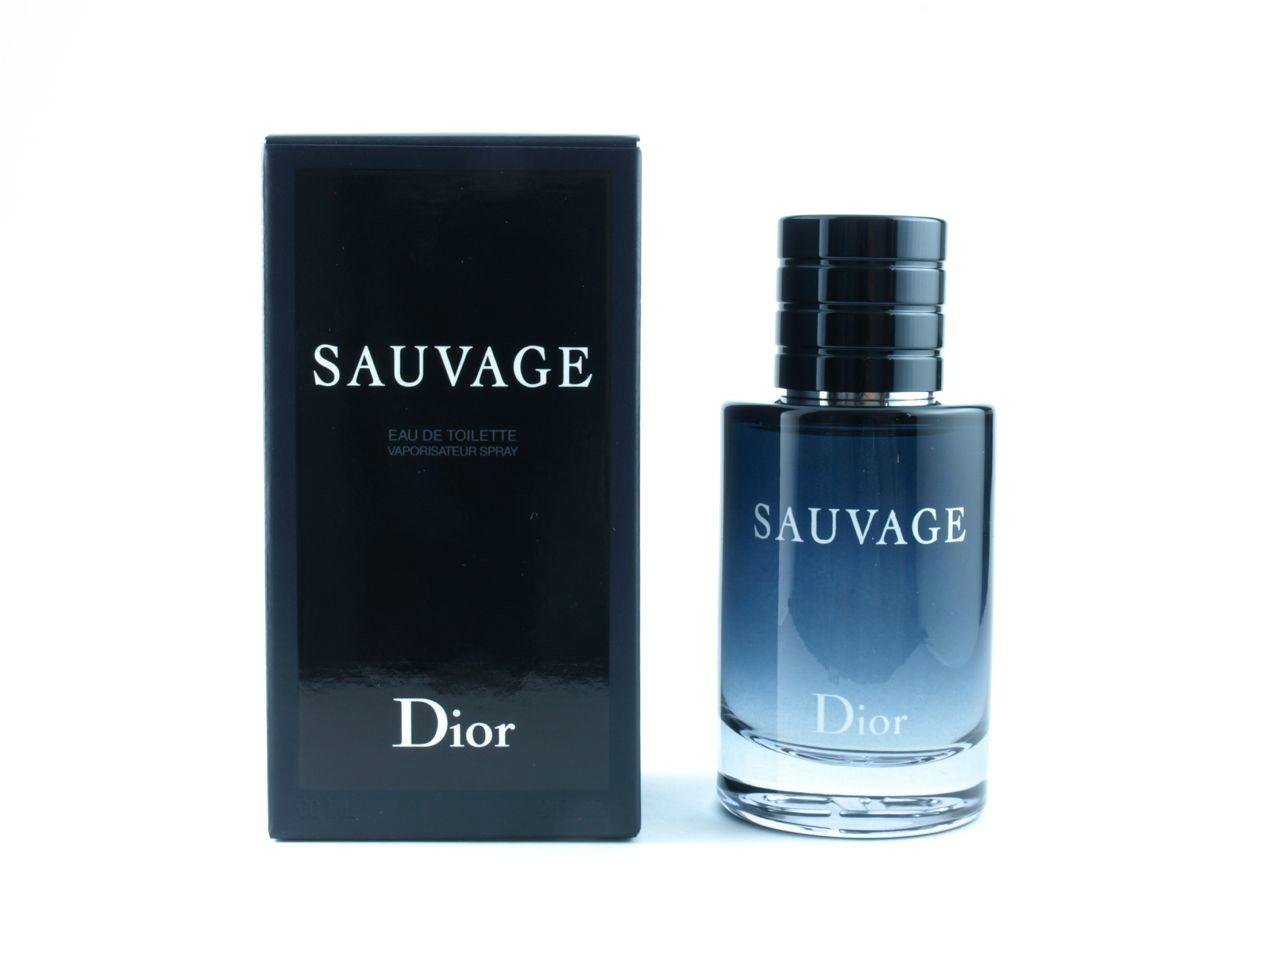 New Fragrance For Men Dior Sauvage Eau De Toilette Review The